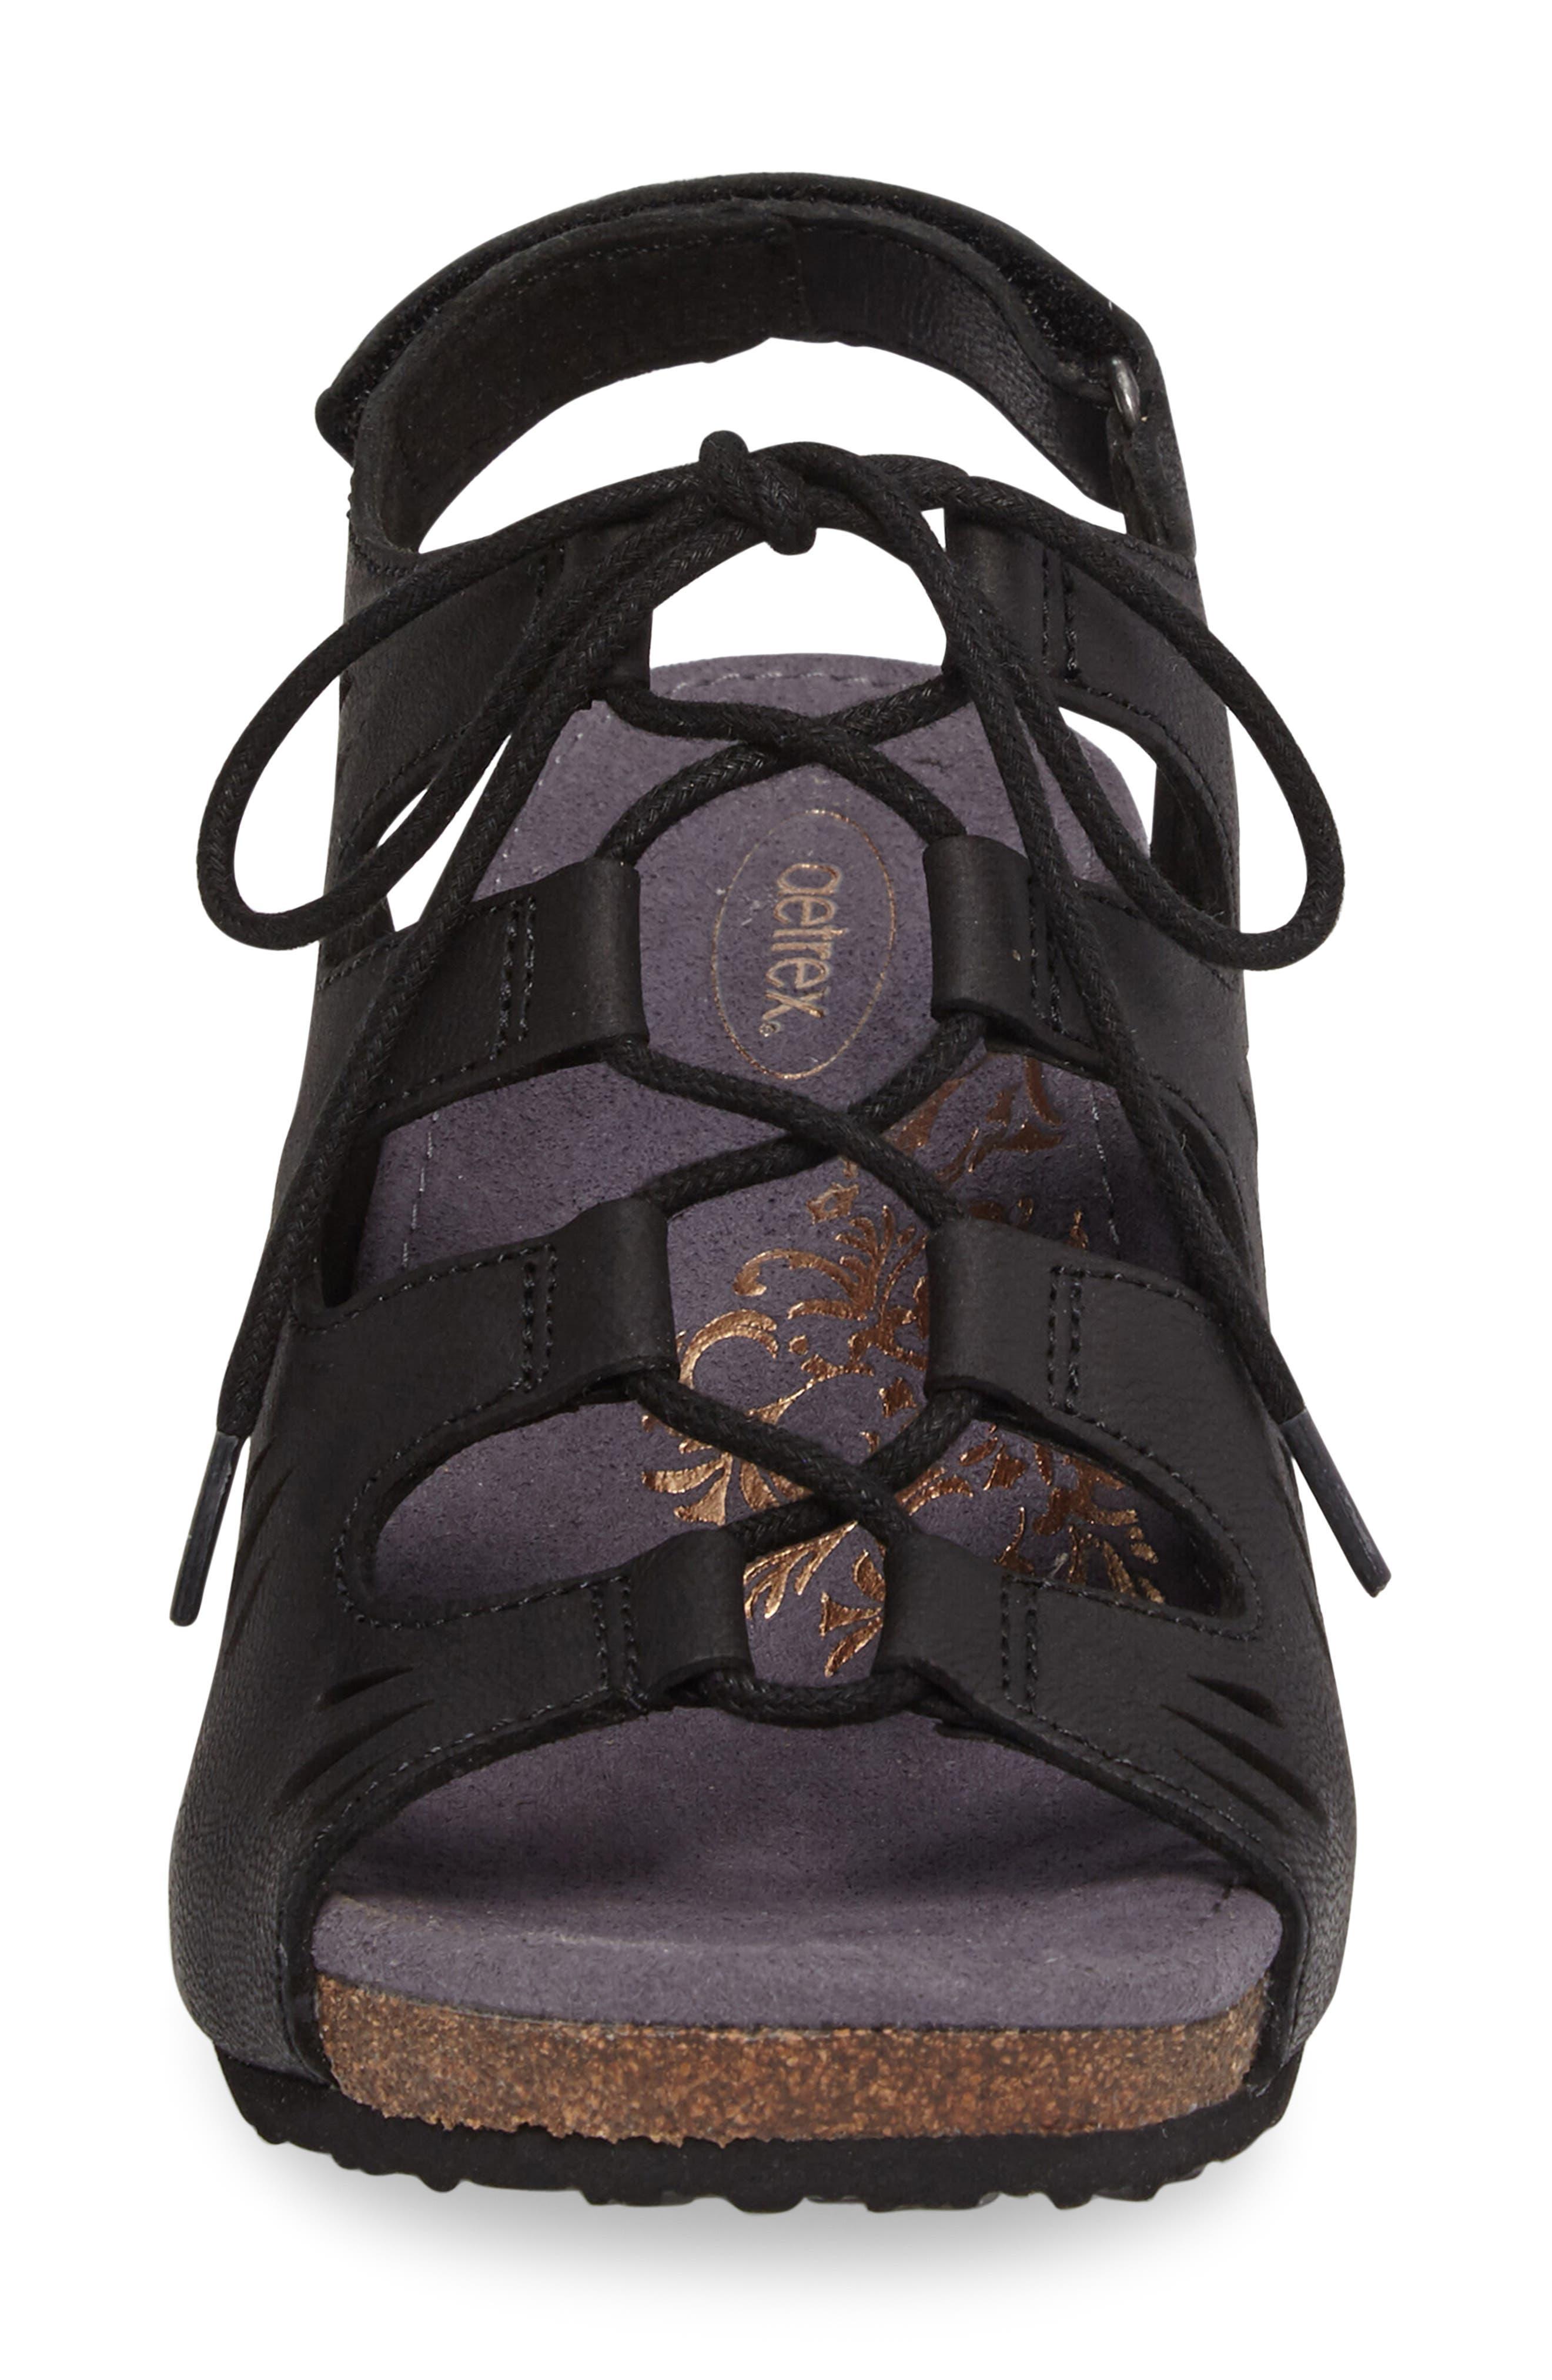 Giselle Slingback Wedge Sandal,                             Alternate thumbnail 4, color,                             001